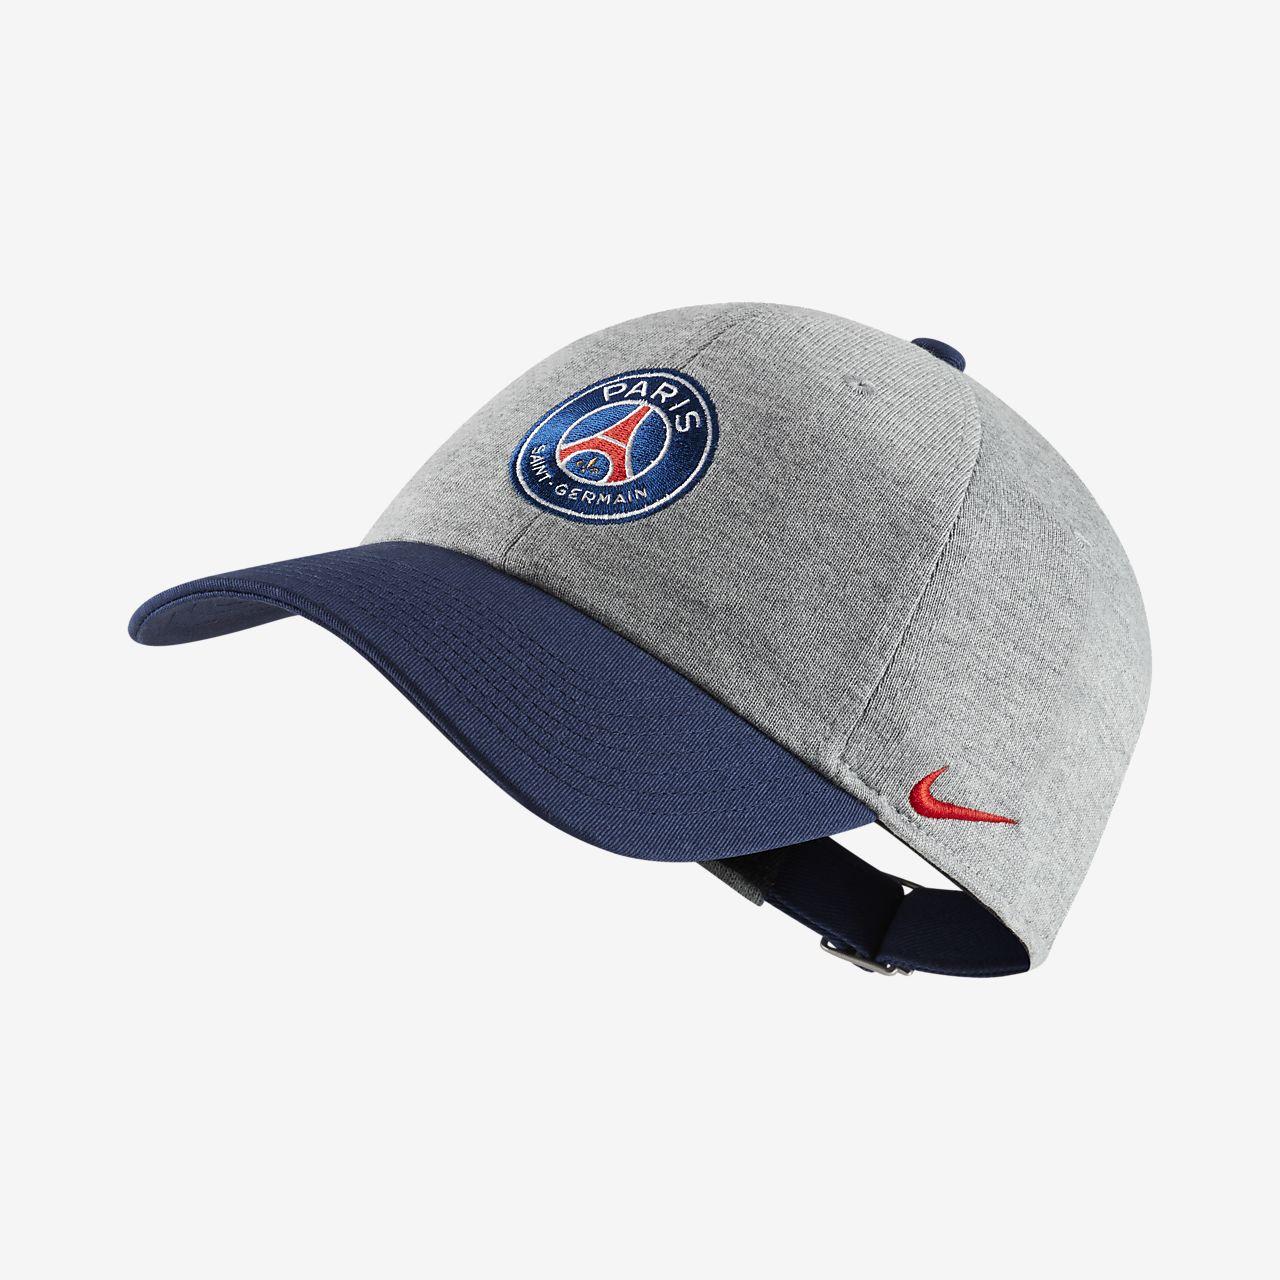 474b89011c8 Paris Saint-Germain H86 Adjustable Hat. Nike.com SA